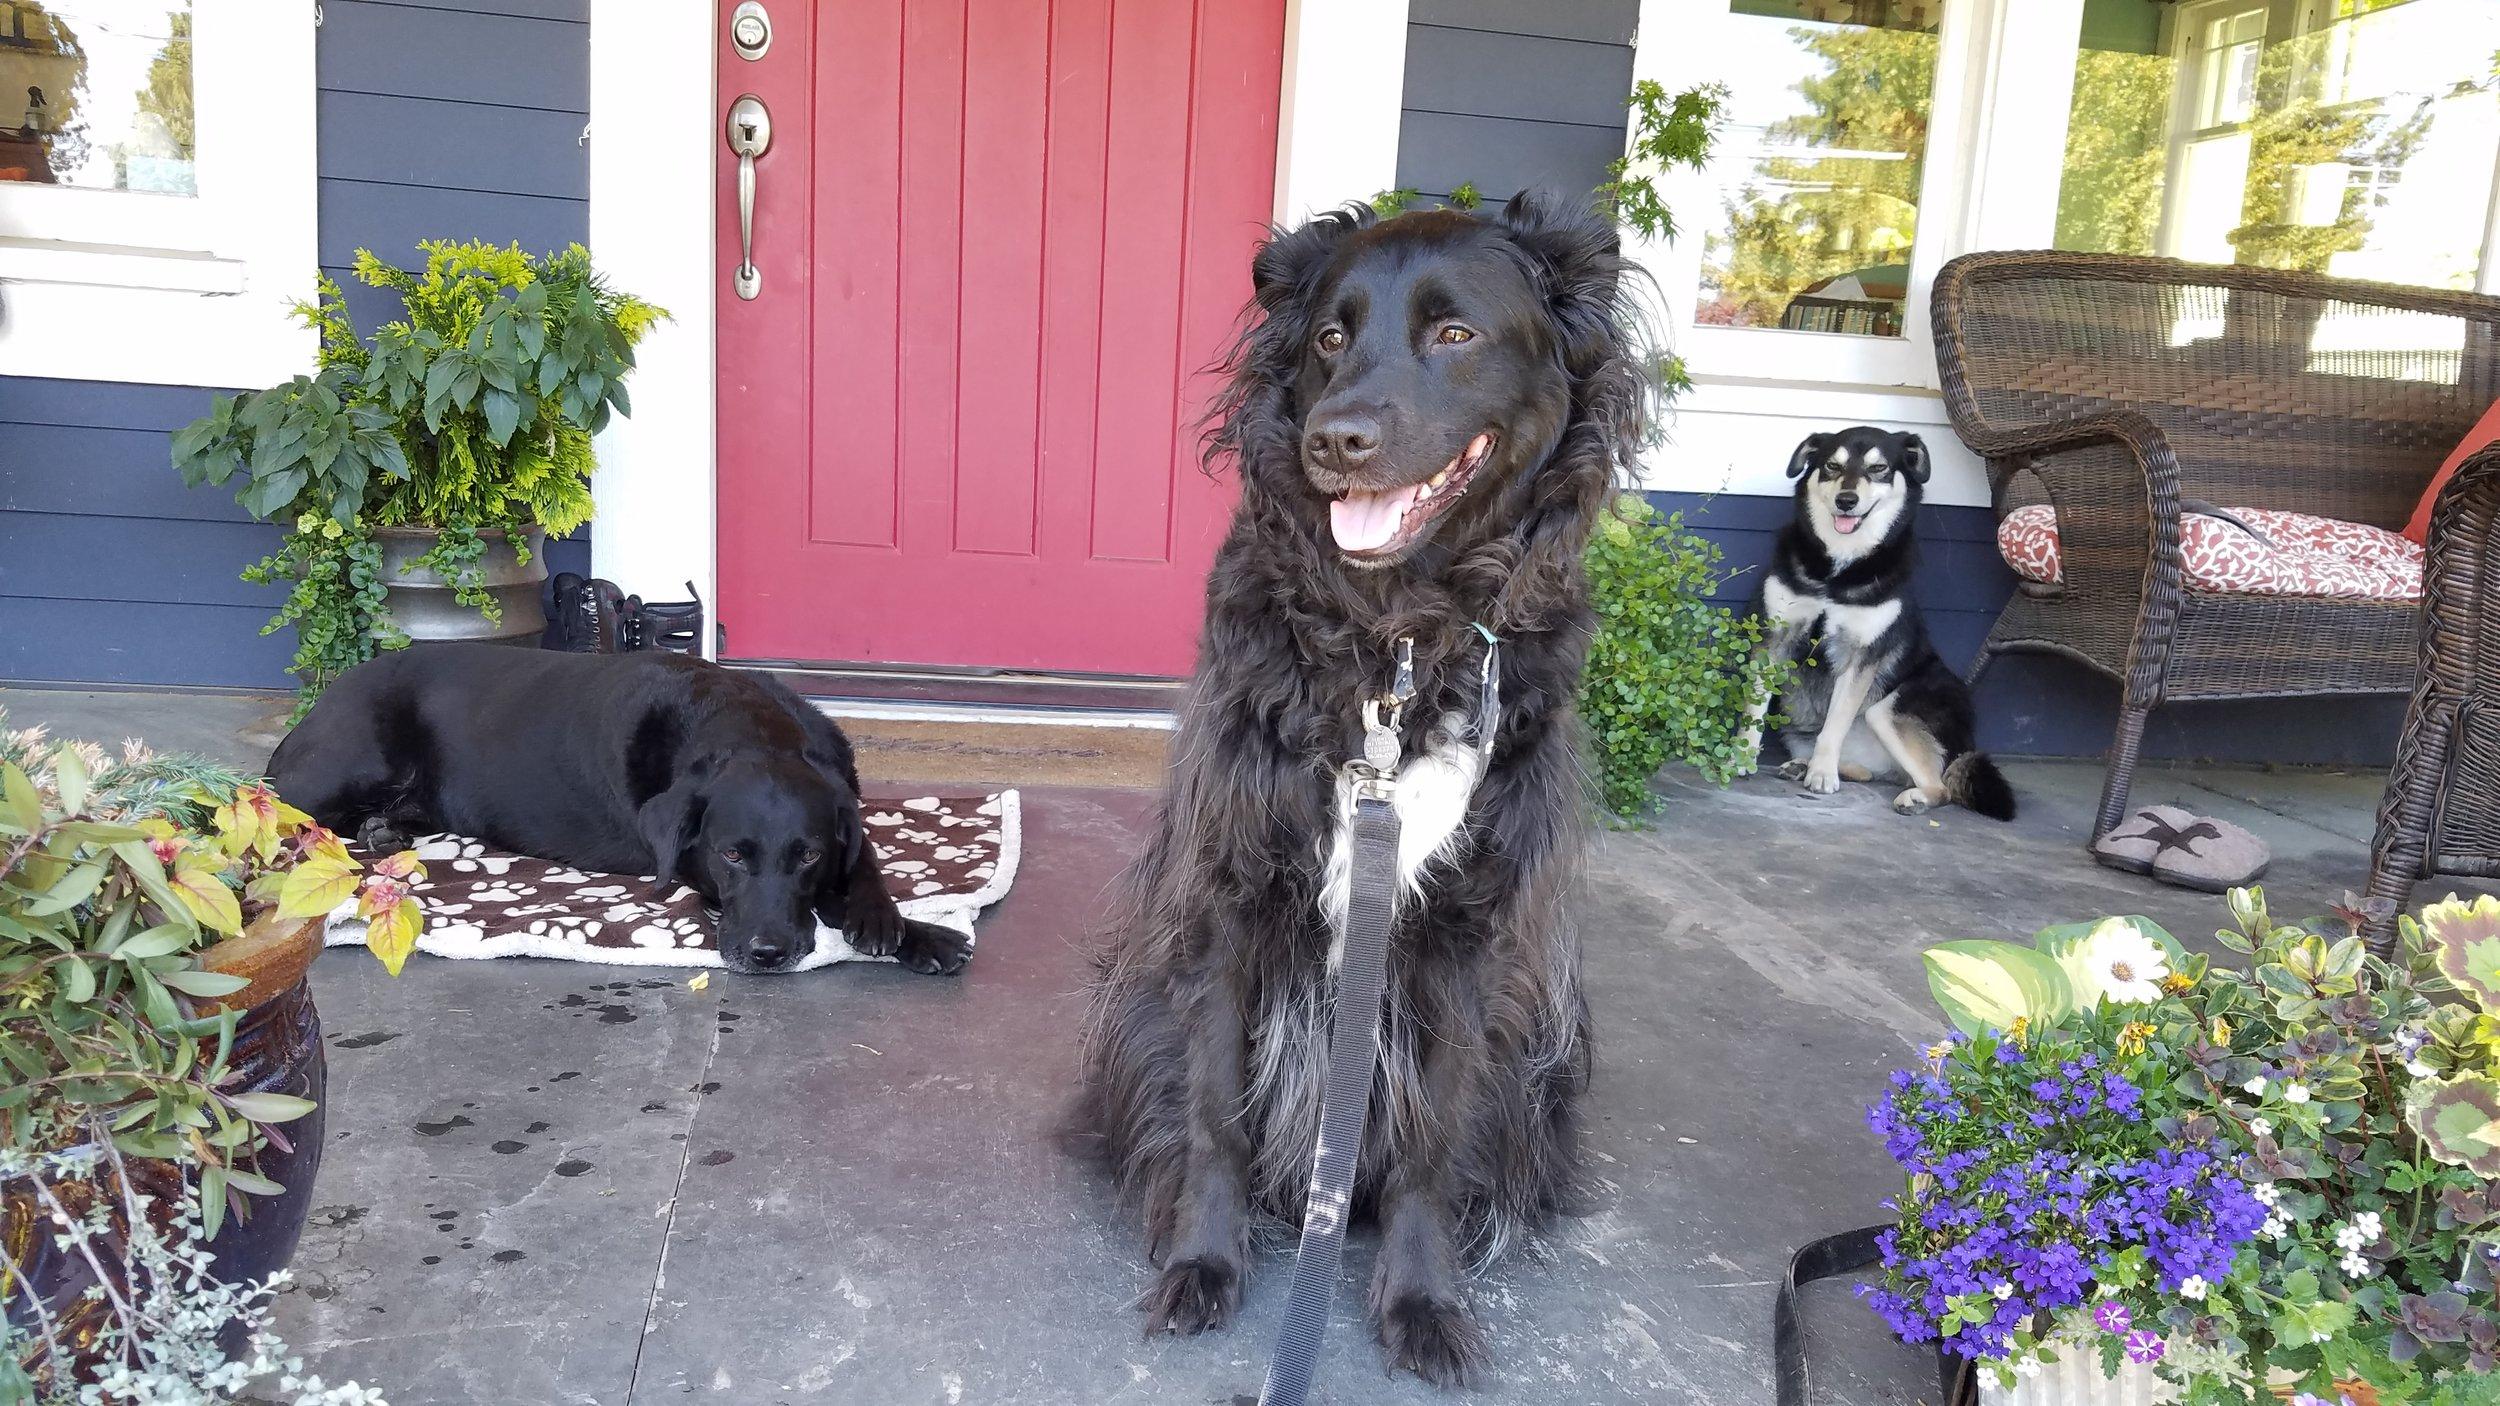 Darby, Ollie and Mavis